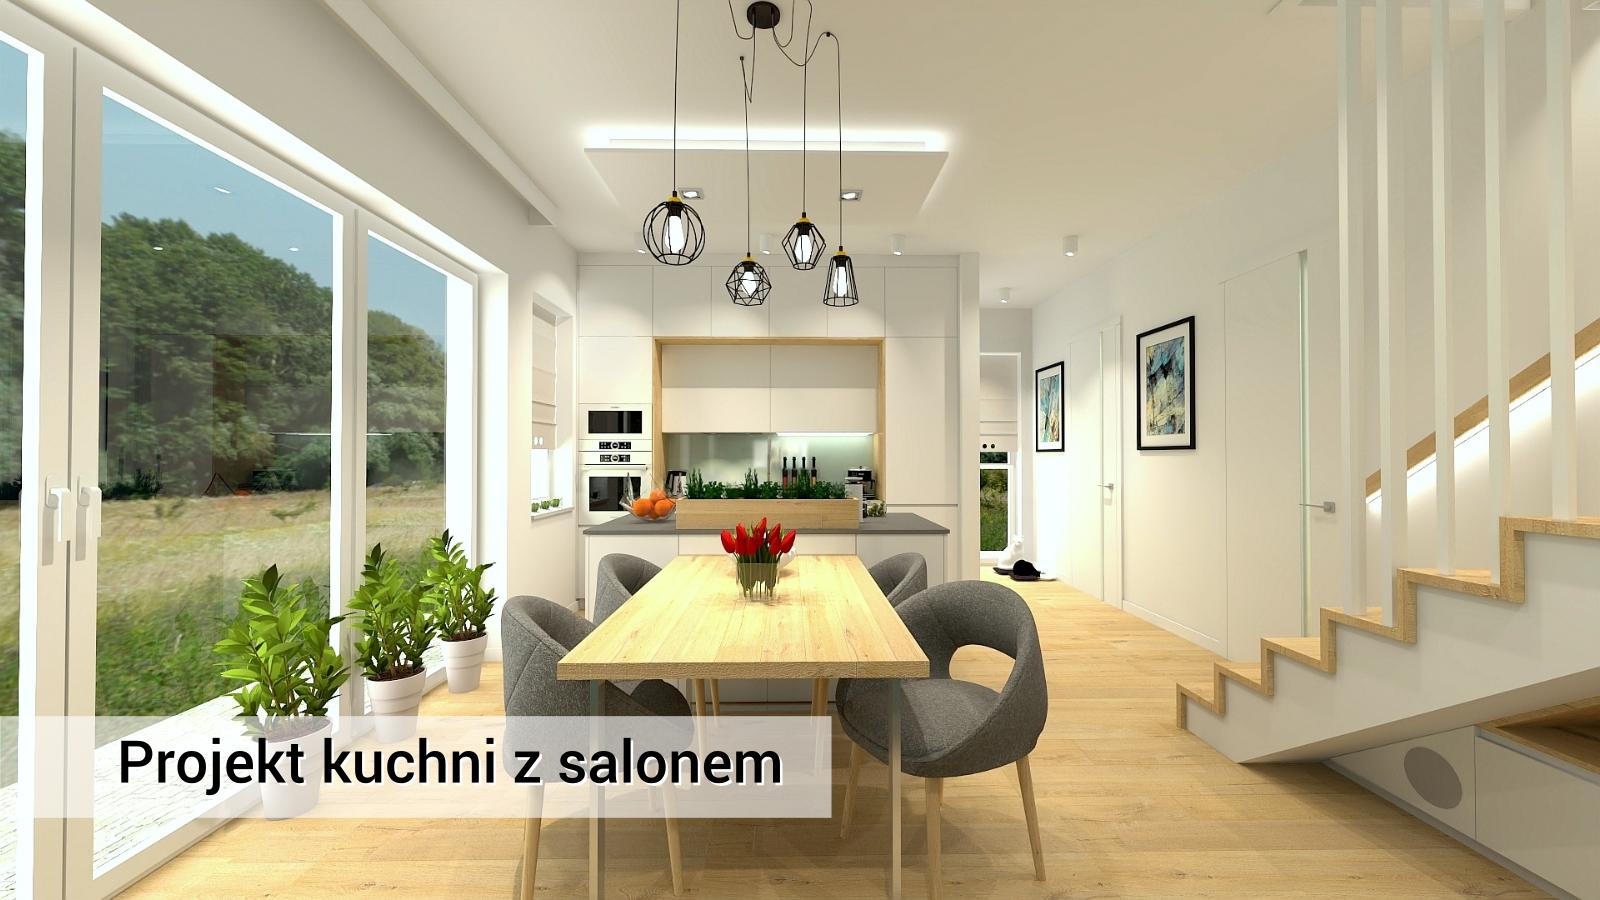 Biała, nowoczesna kuchnia oraz salon - projekt zielonki